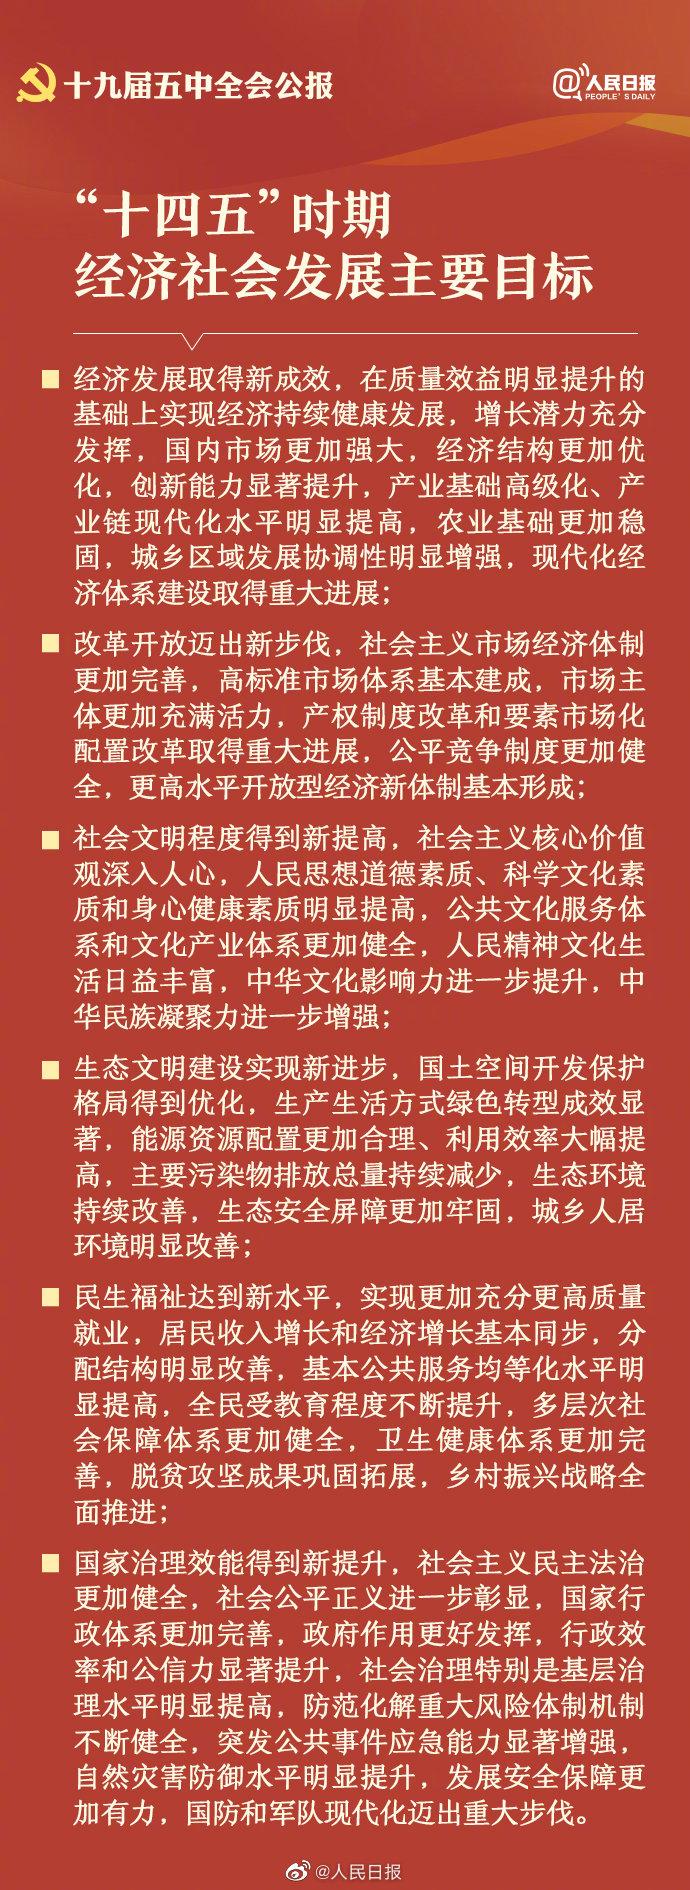 党的十九届五中全会公报:十四五时期经济社会发展主要目标